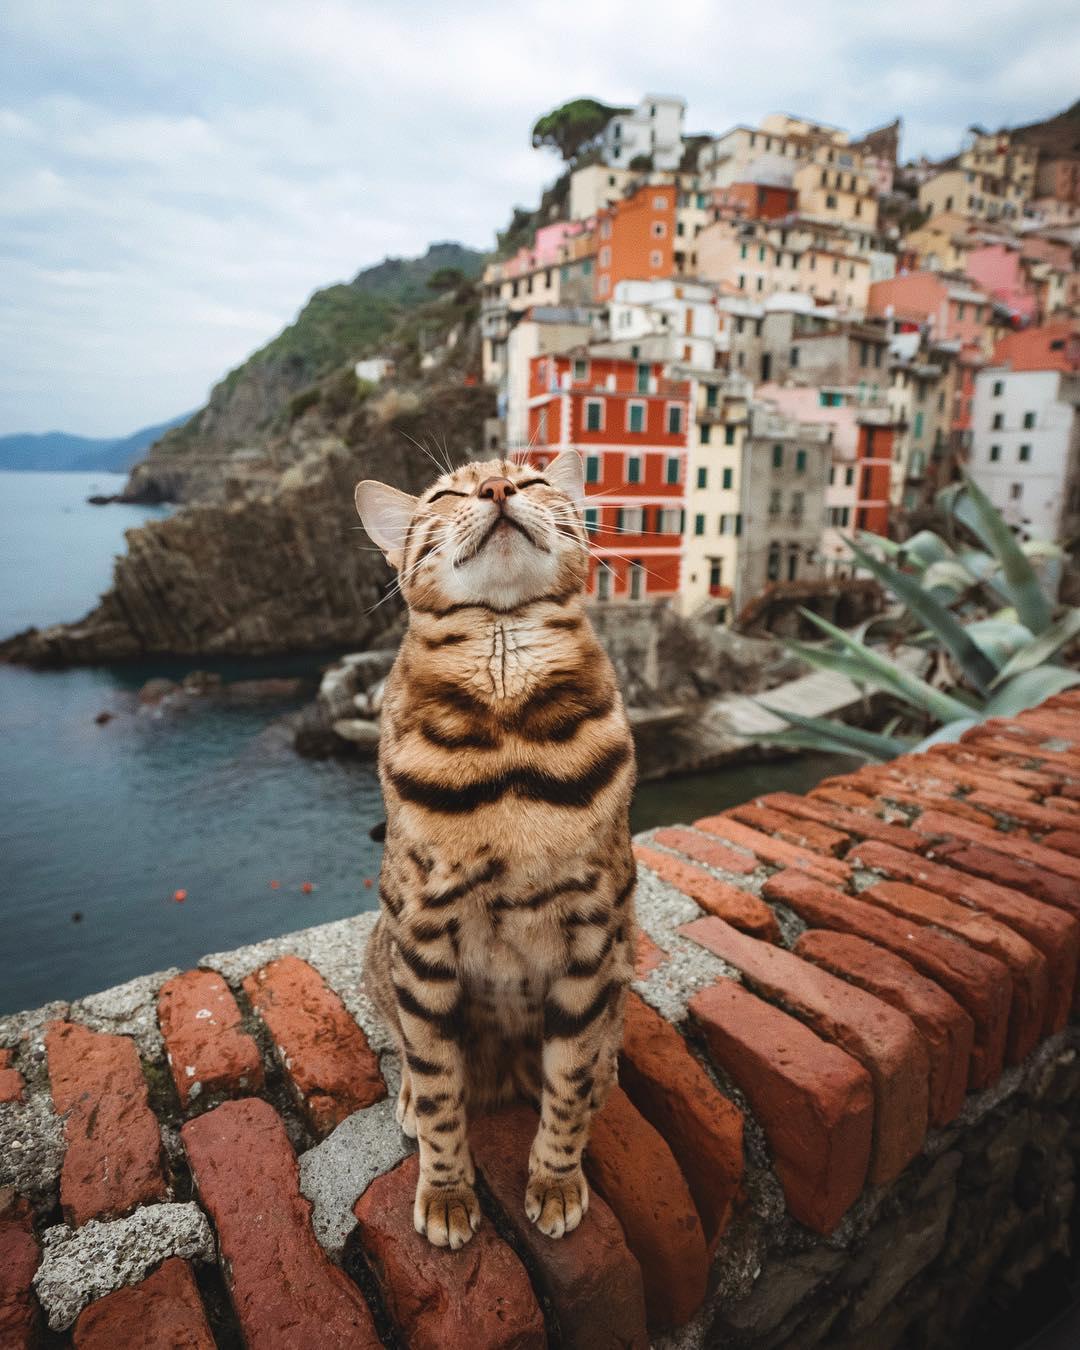 Фото Кошка получает удовольствие от красот Италии, by Marti Gutfreund